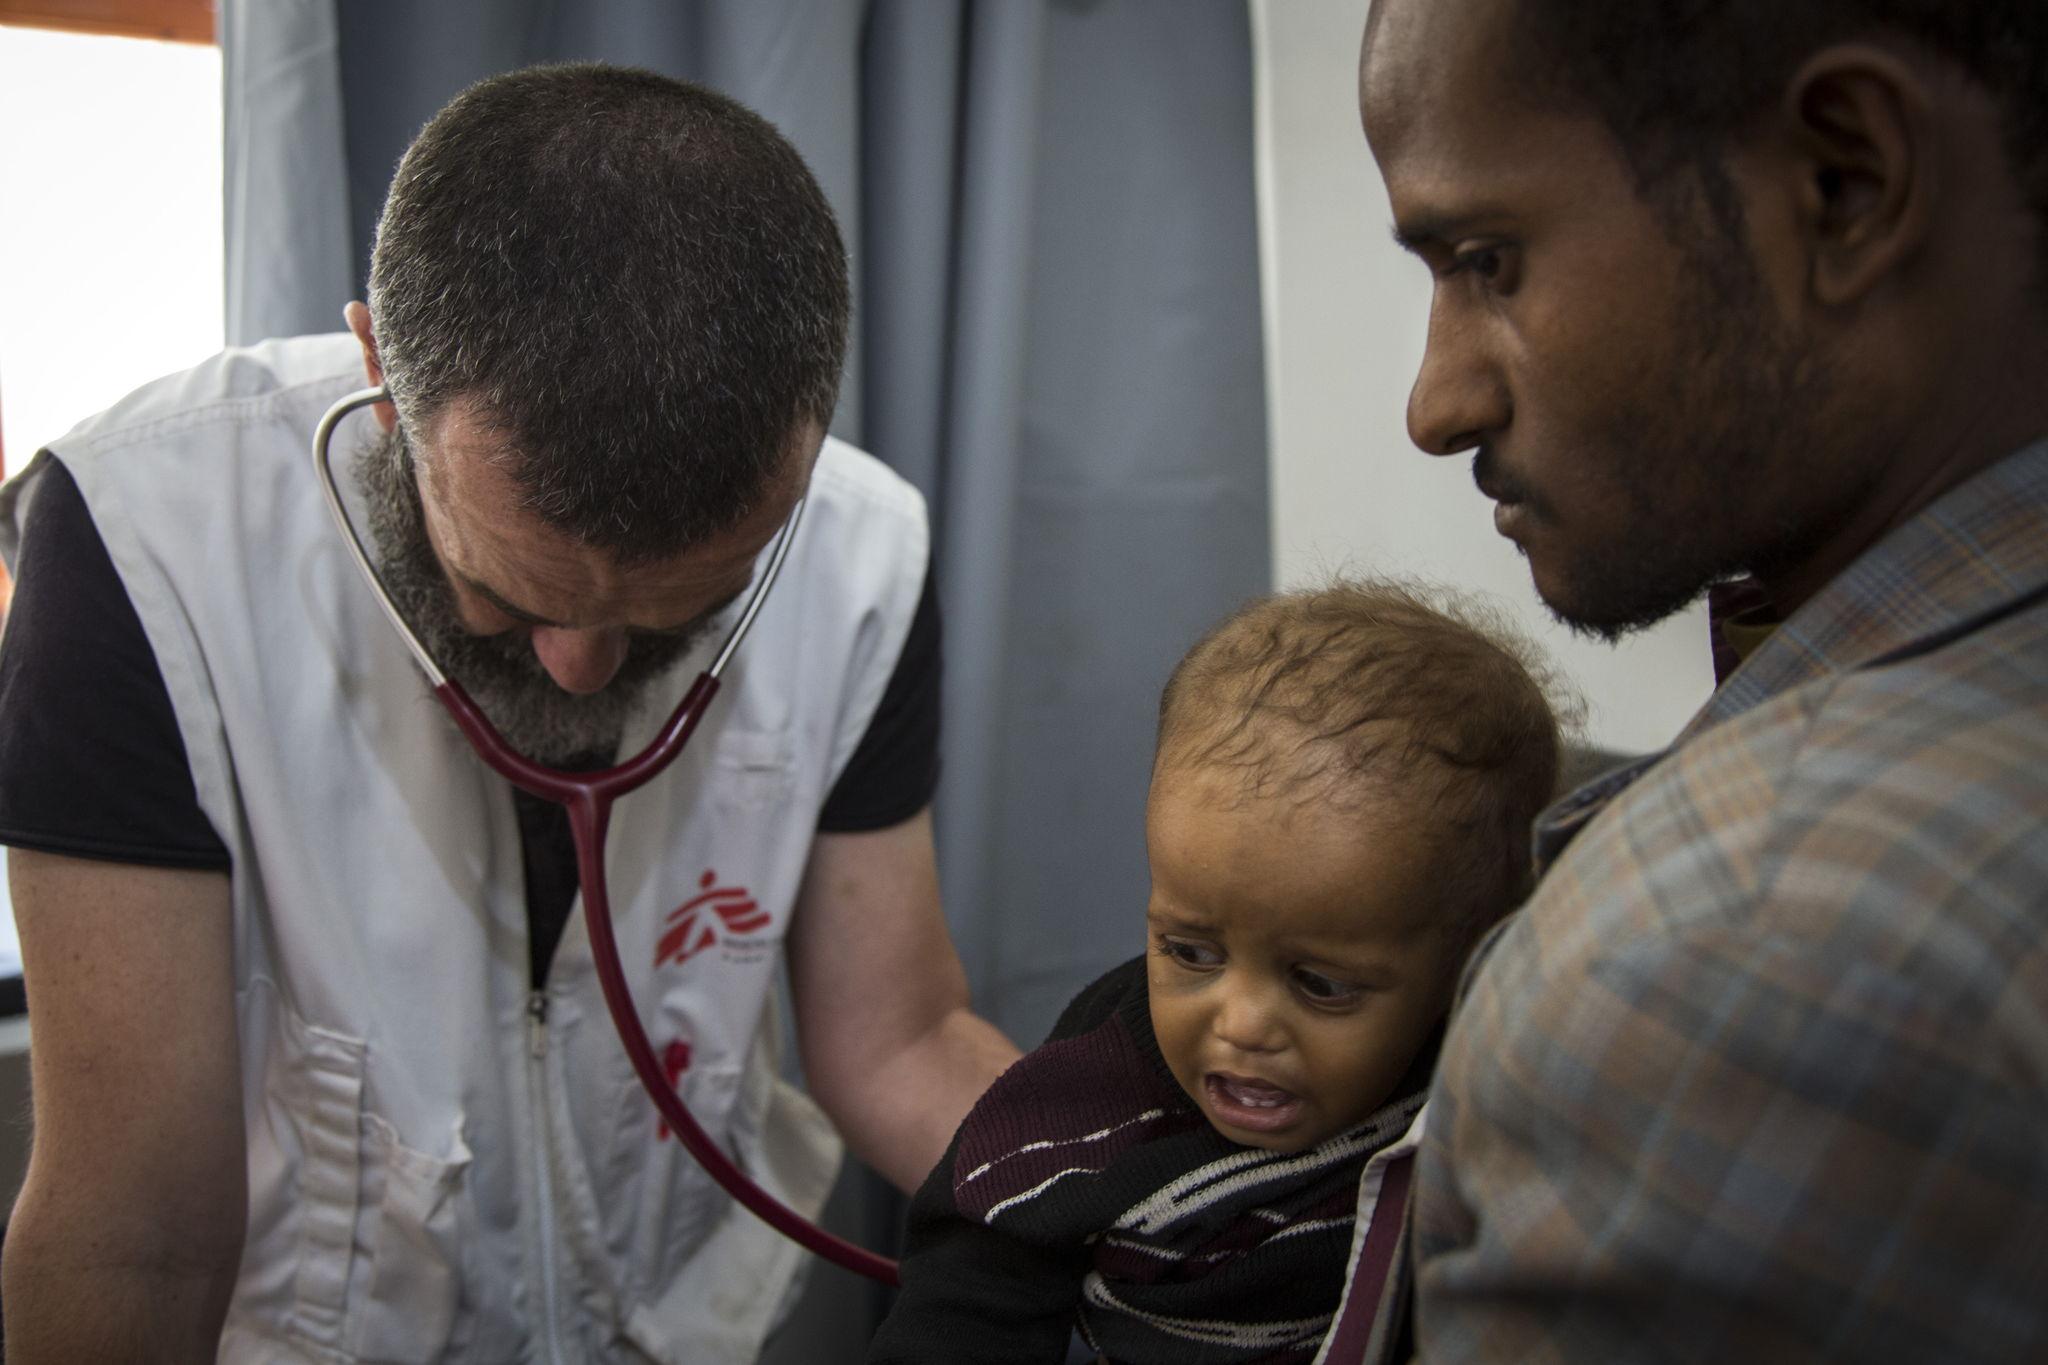 예멘 국경 봉쇄...국경없는의사회, 구호 단체 예멘 진입 요청